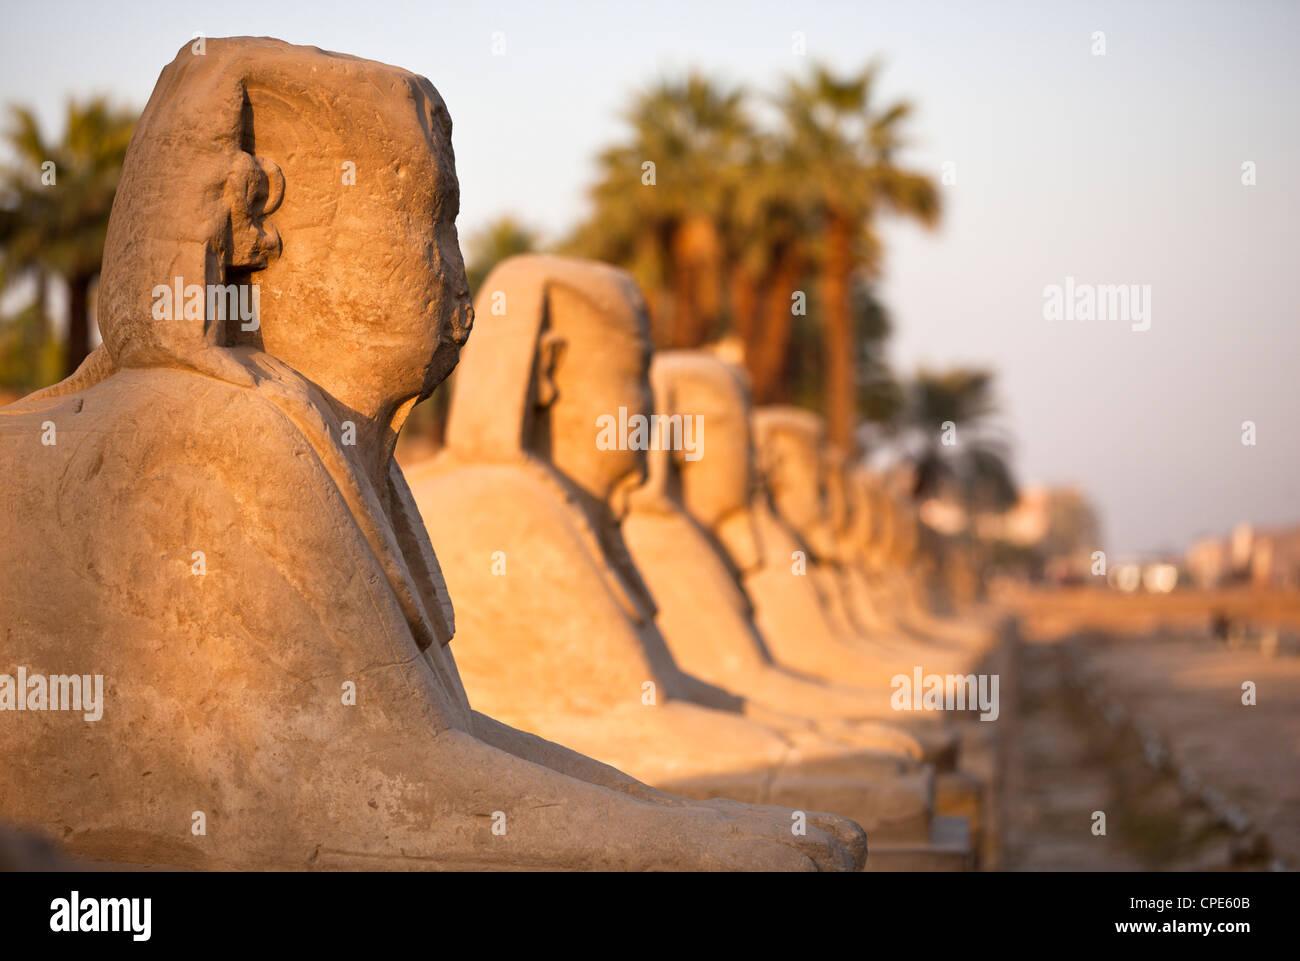 Le temple de Louxor, Louxor, Thèbes, Site du patrimoine mondial de l'UNESCO, l'Égypte, l'Afrique Photo Stock